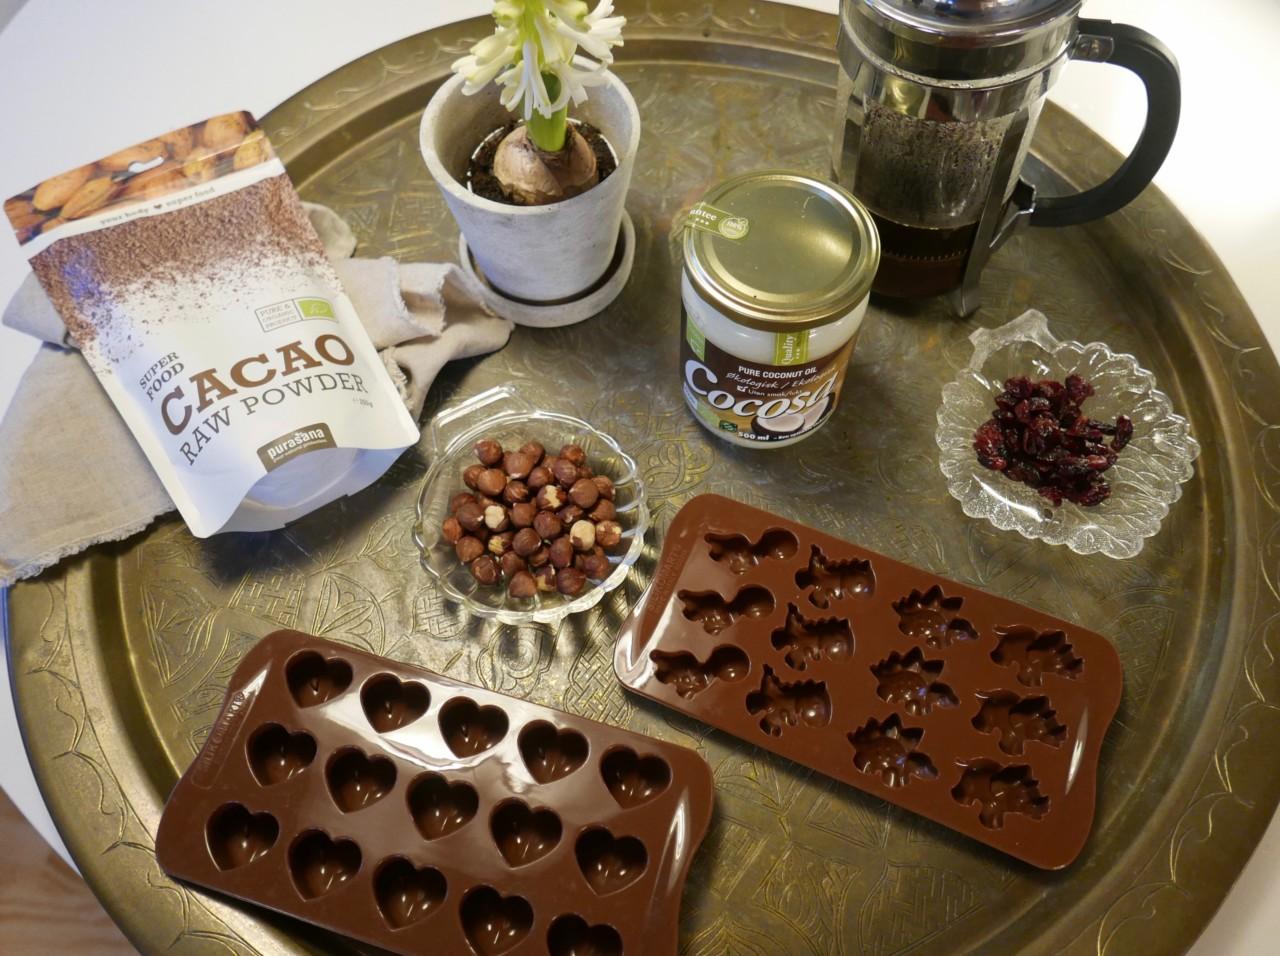 okologisk-kaffe-konfekt-kakao-green-house